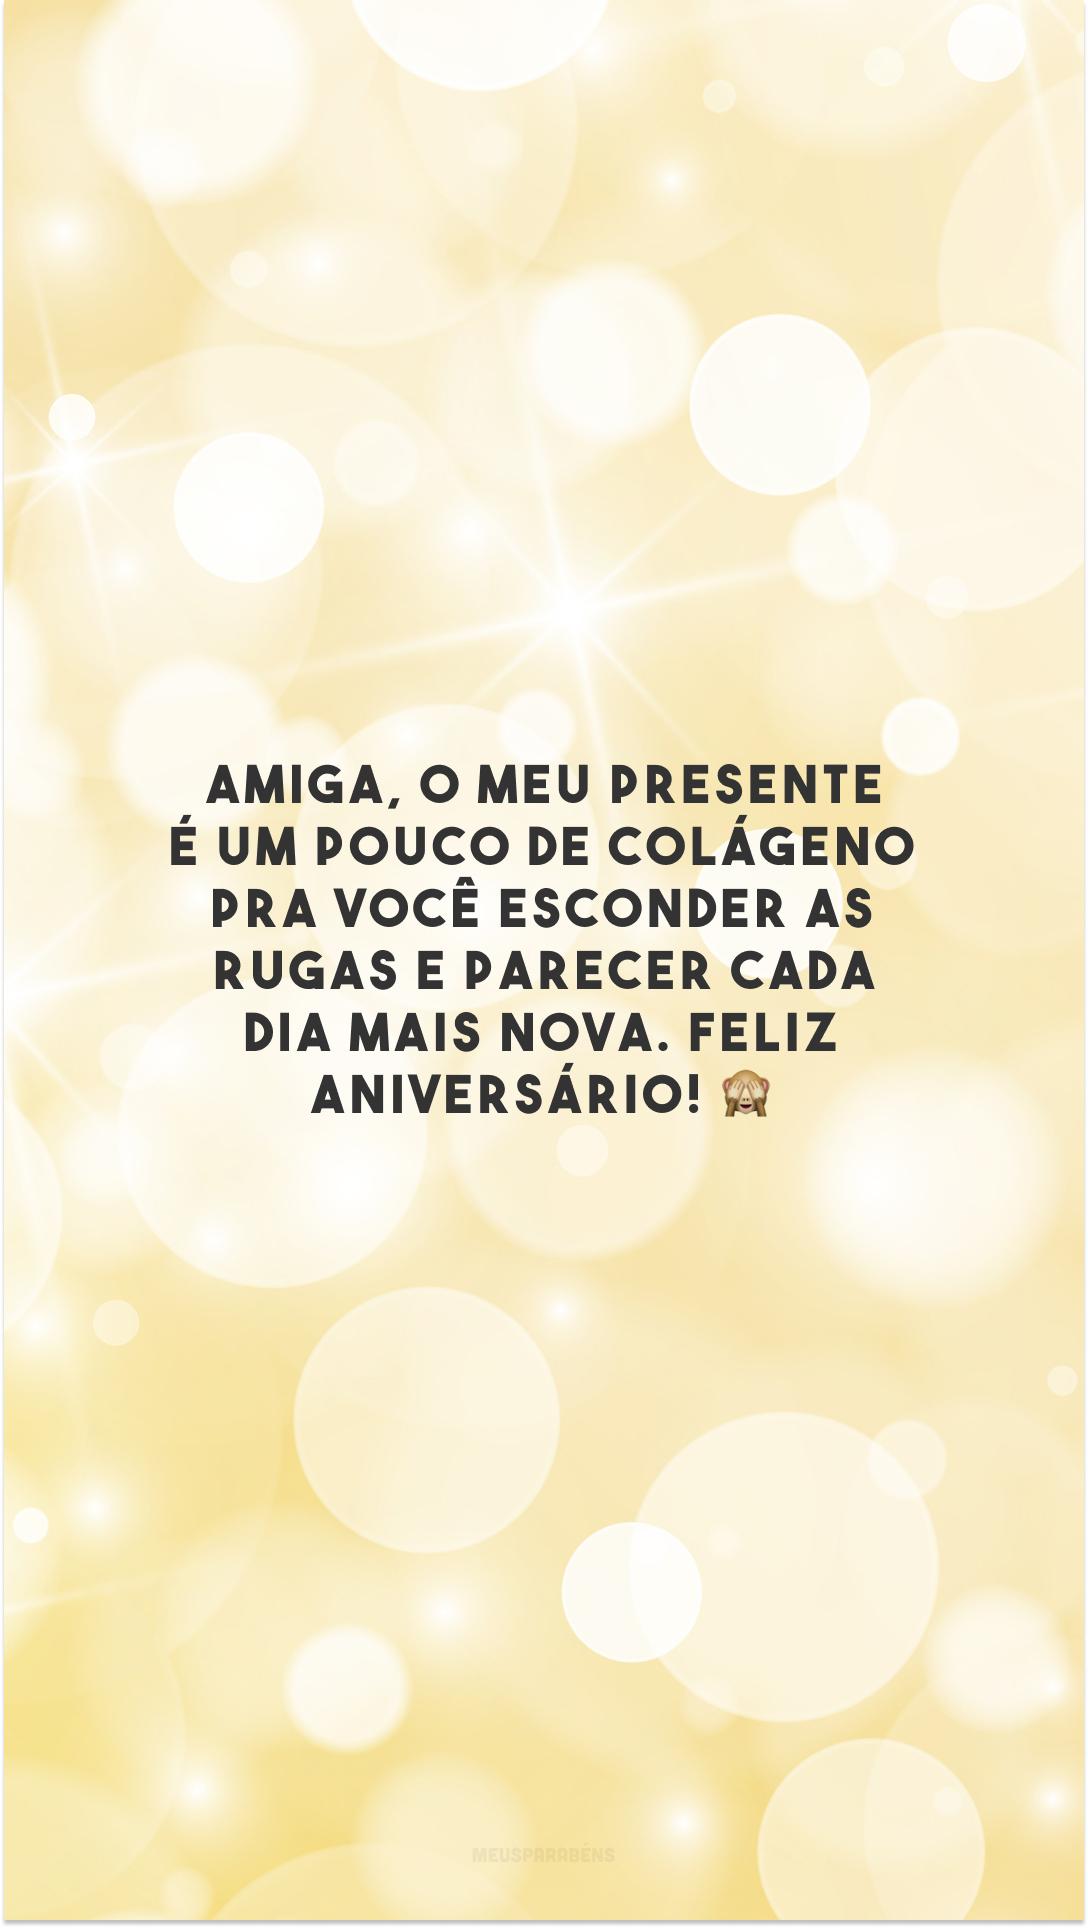 Amiga, o meu presente é um pouco de colágeno pra você esconder as rugas e parecer cada dia mais nova. Feliz aniversário! 🙈